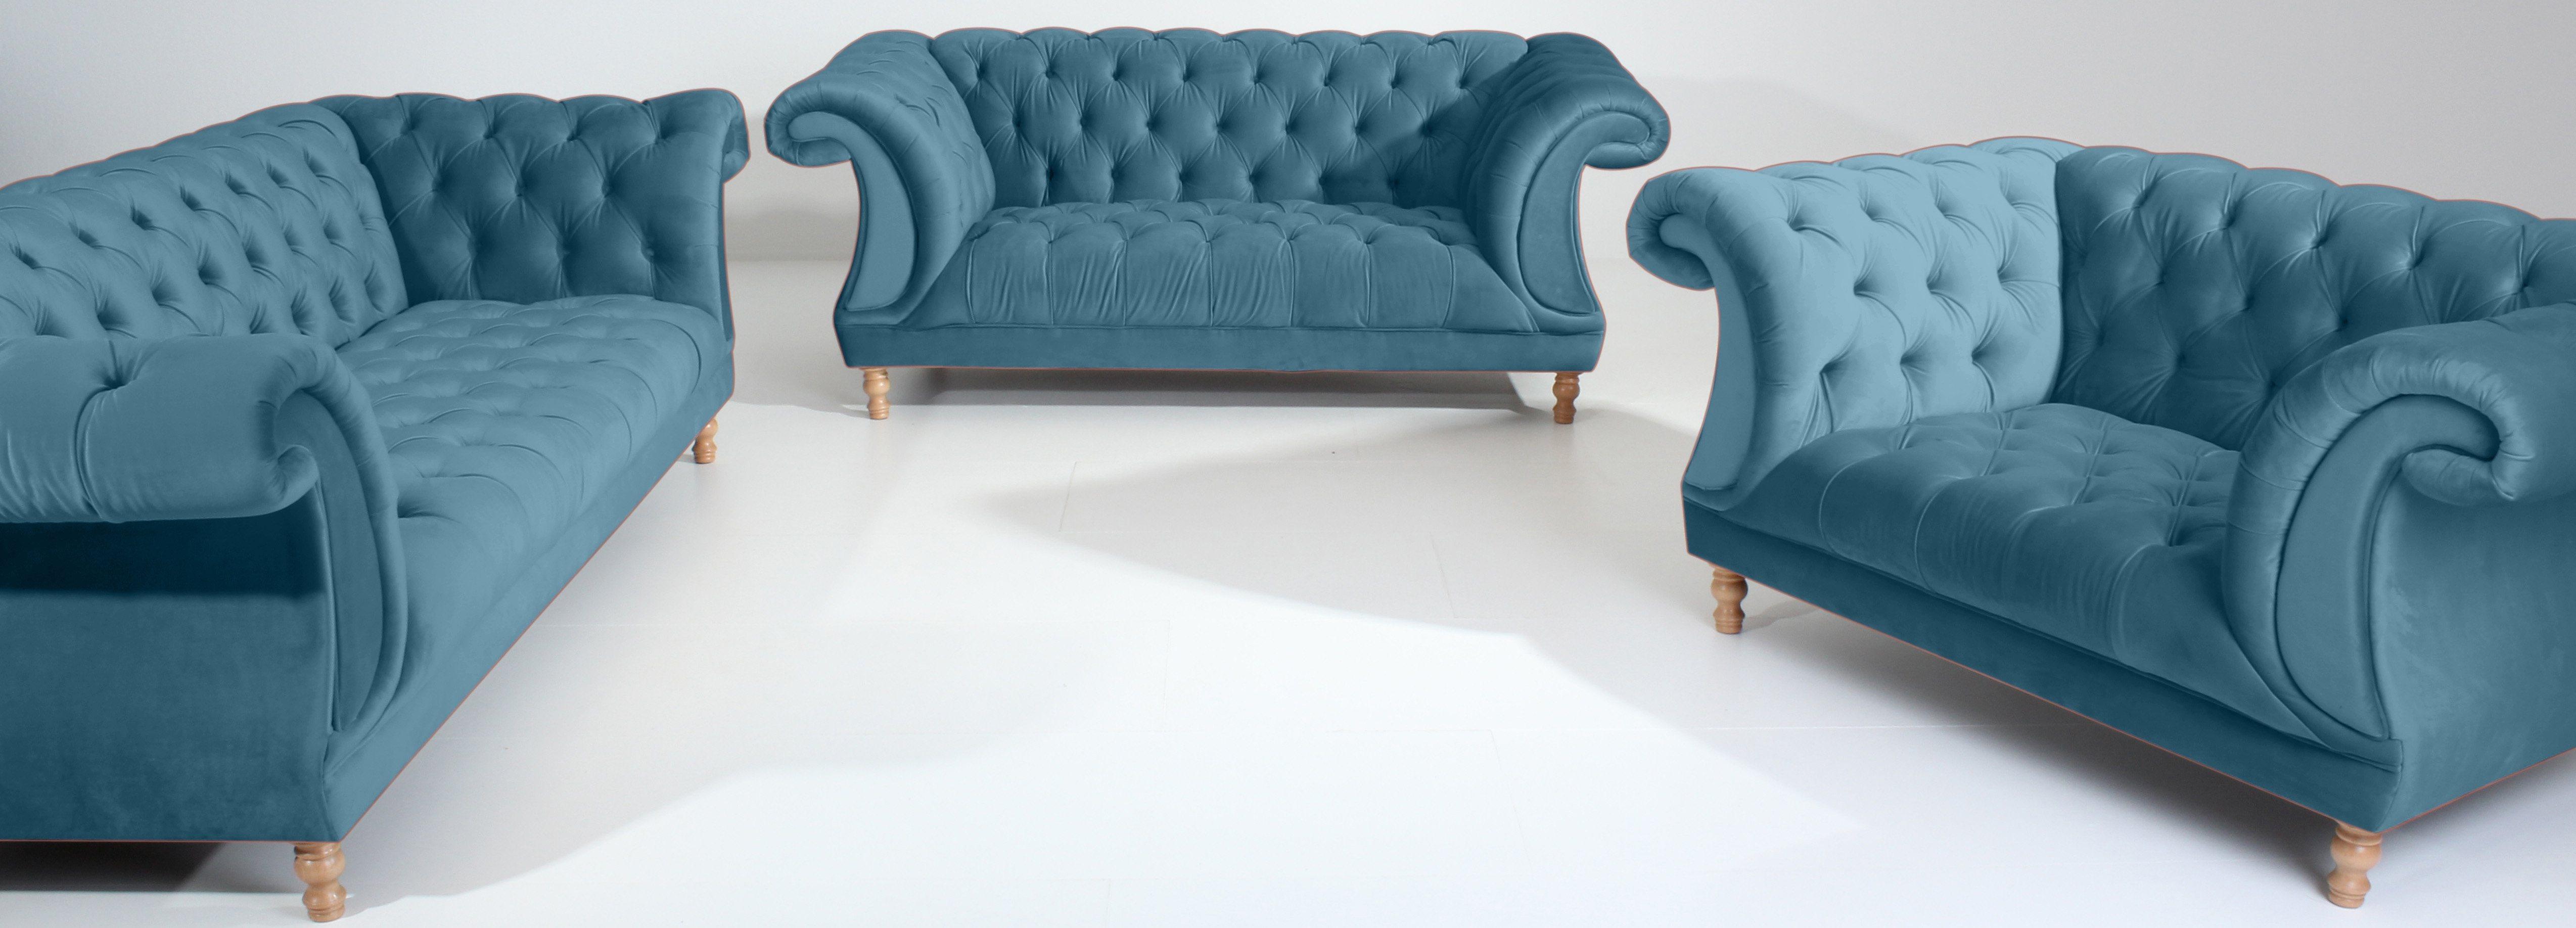 max-winzer- Garnituren online kaufen | Möbel-Suchmaschine ...